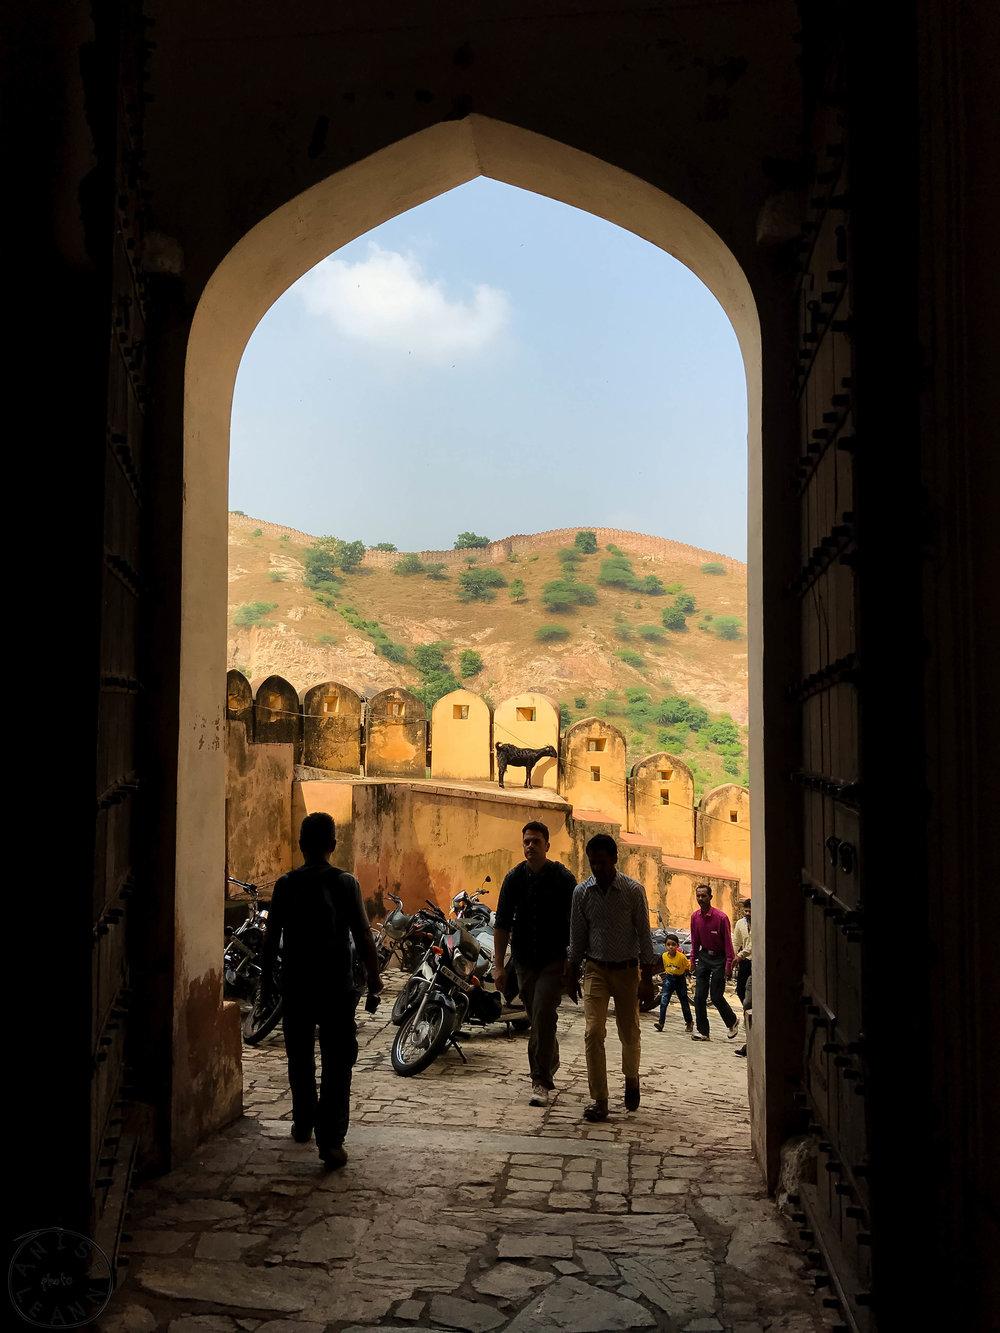 India-Jaipur-Day2-62.jpg